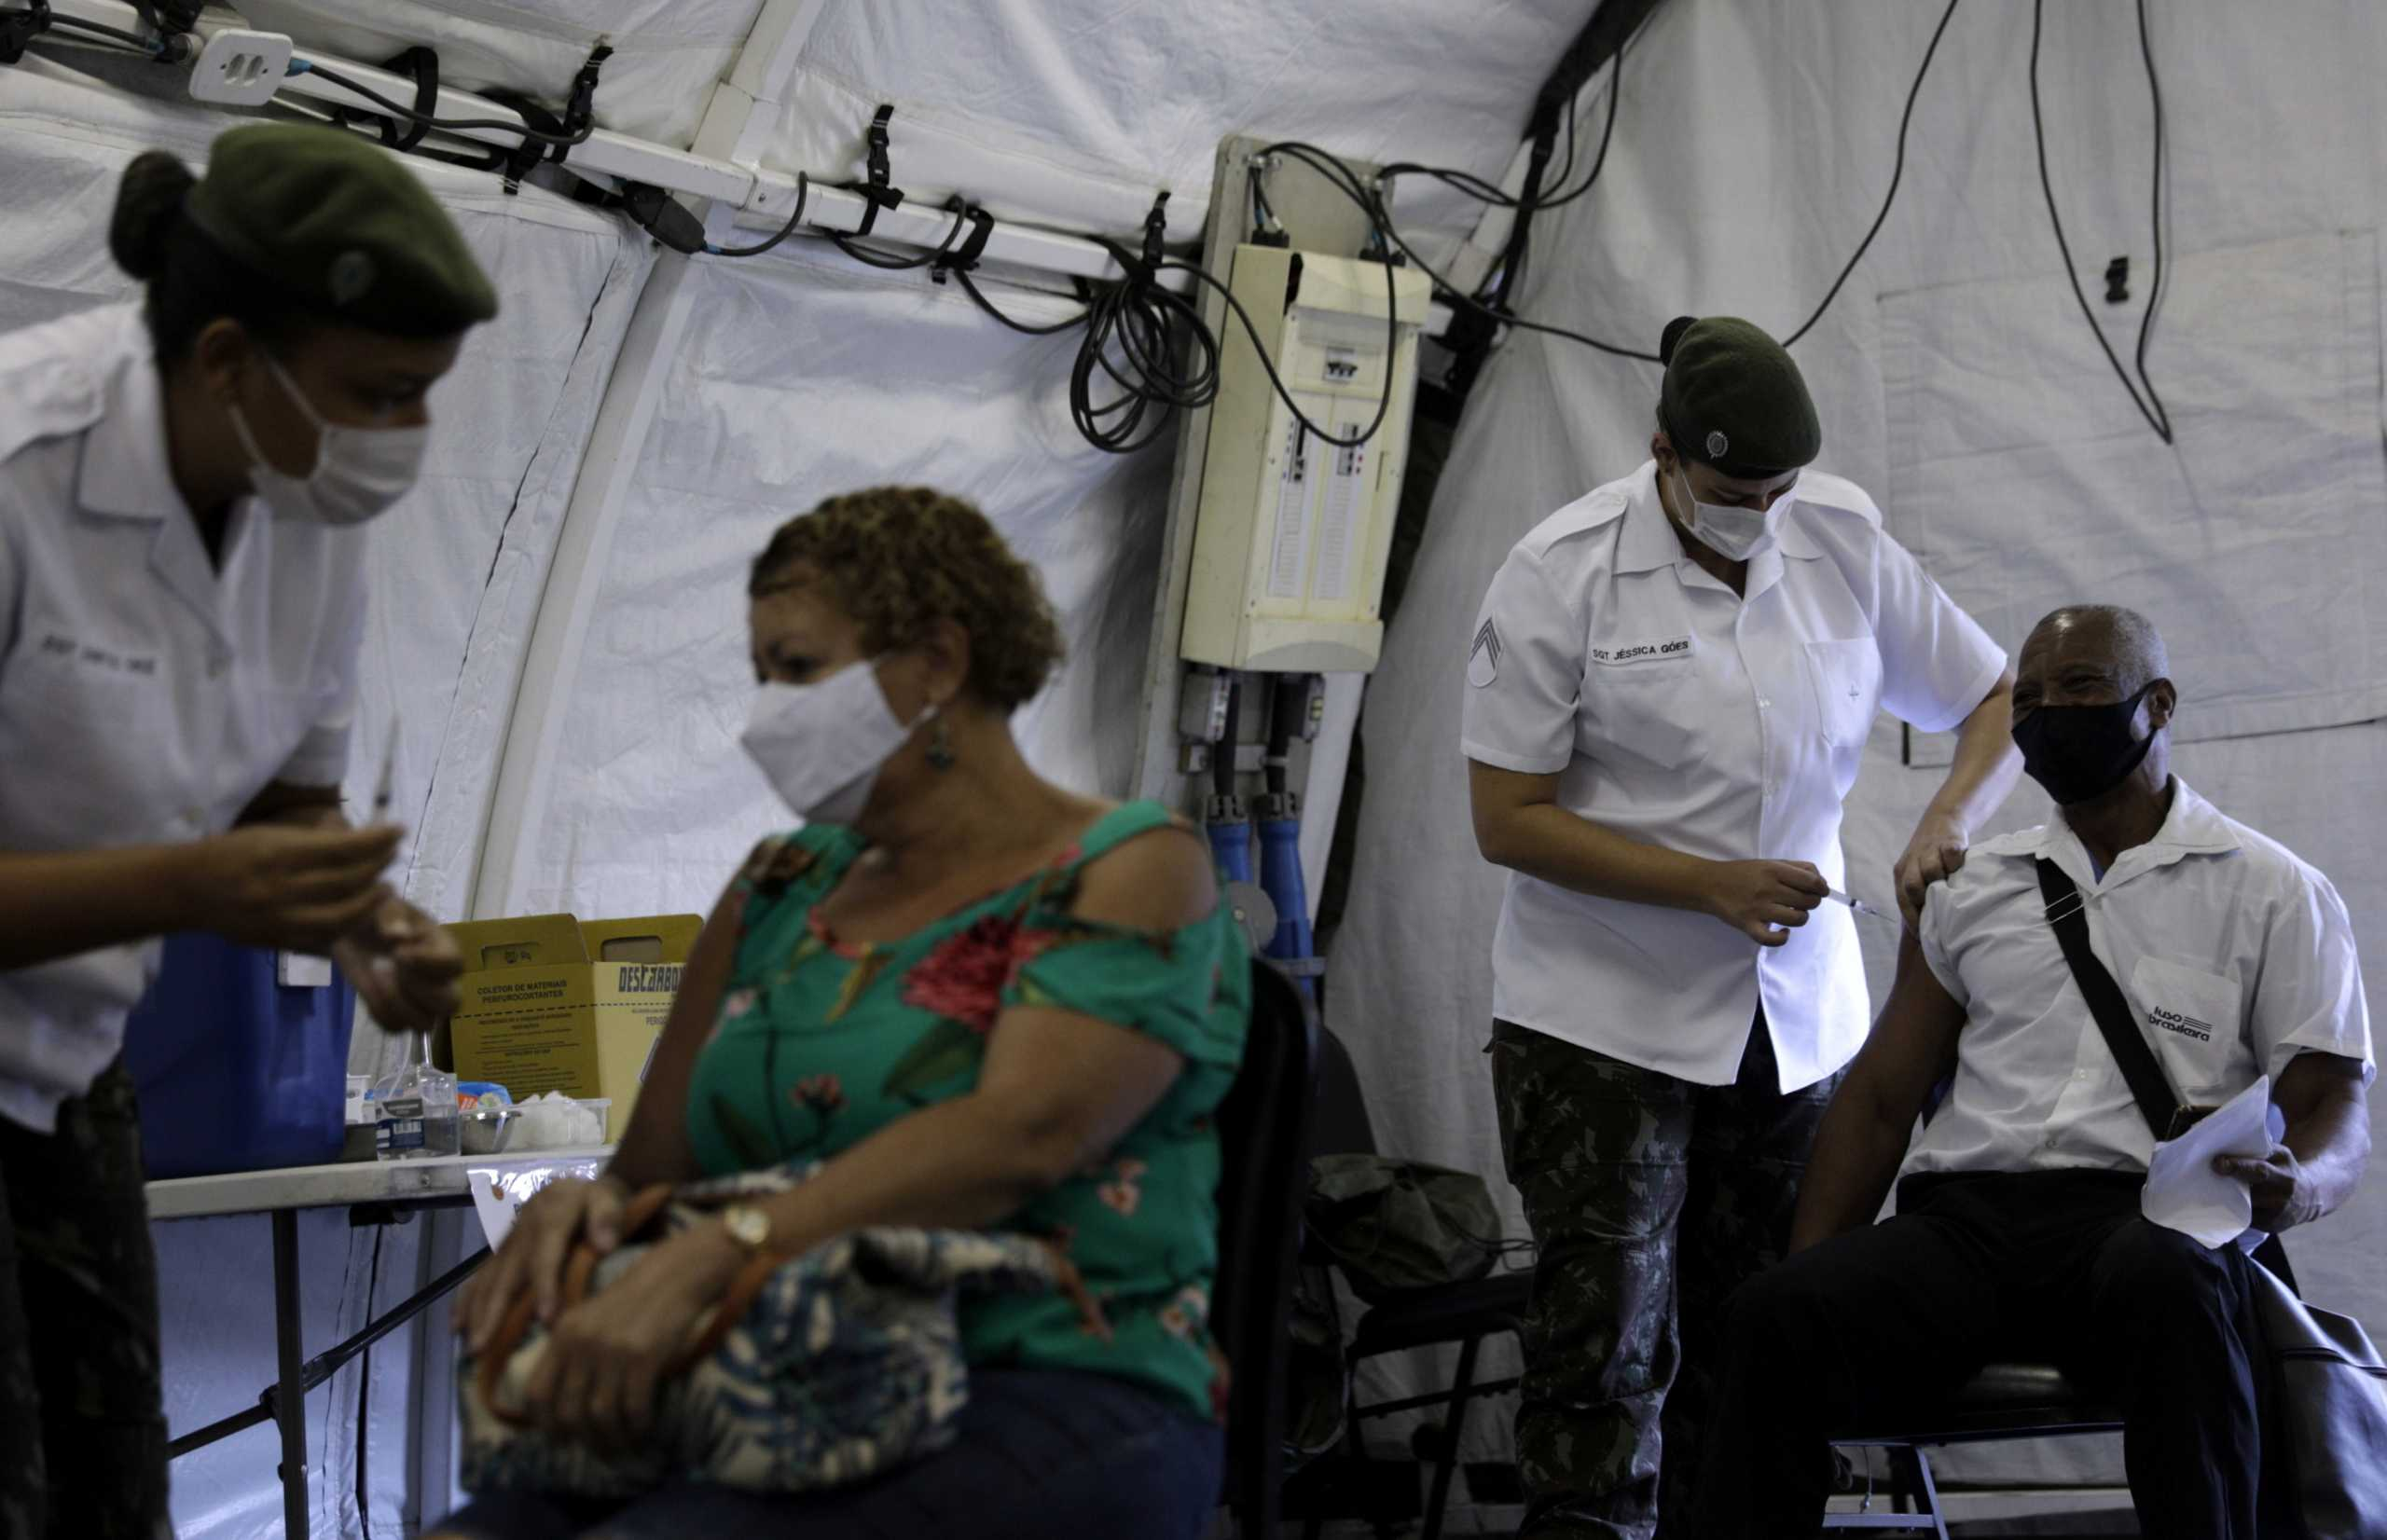 Βραζιλία – κορονοϊός: Κάτω από χίλιοι νεκροί μετά από 7 μήνες